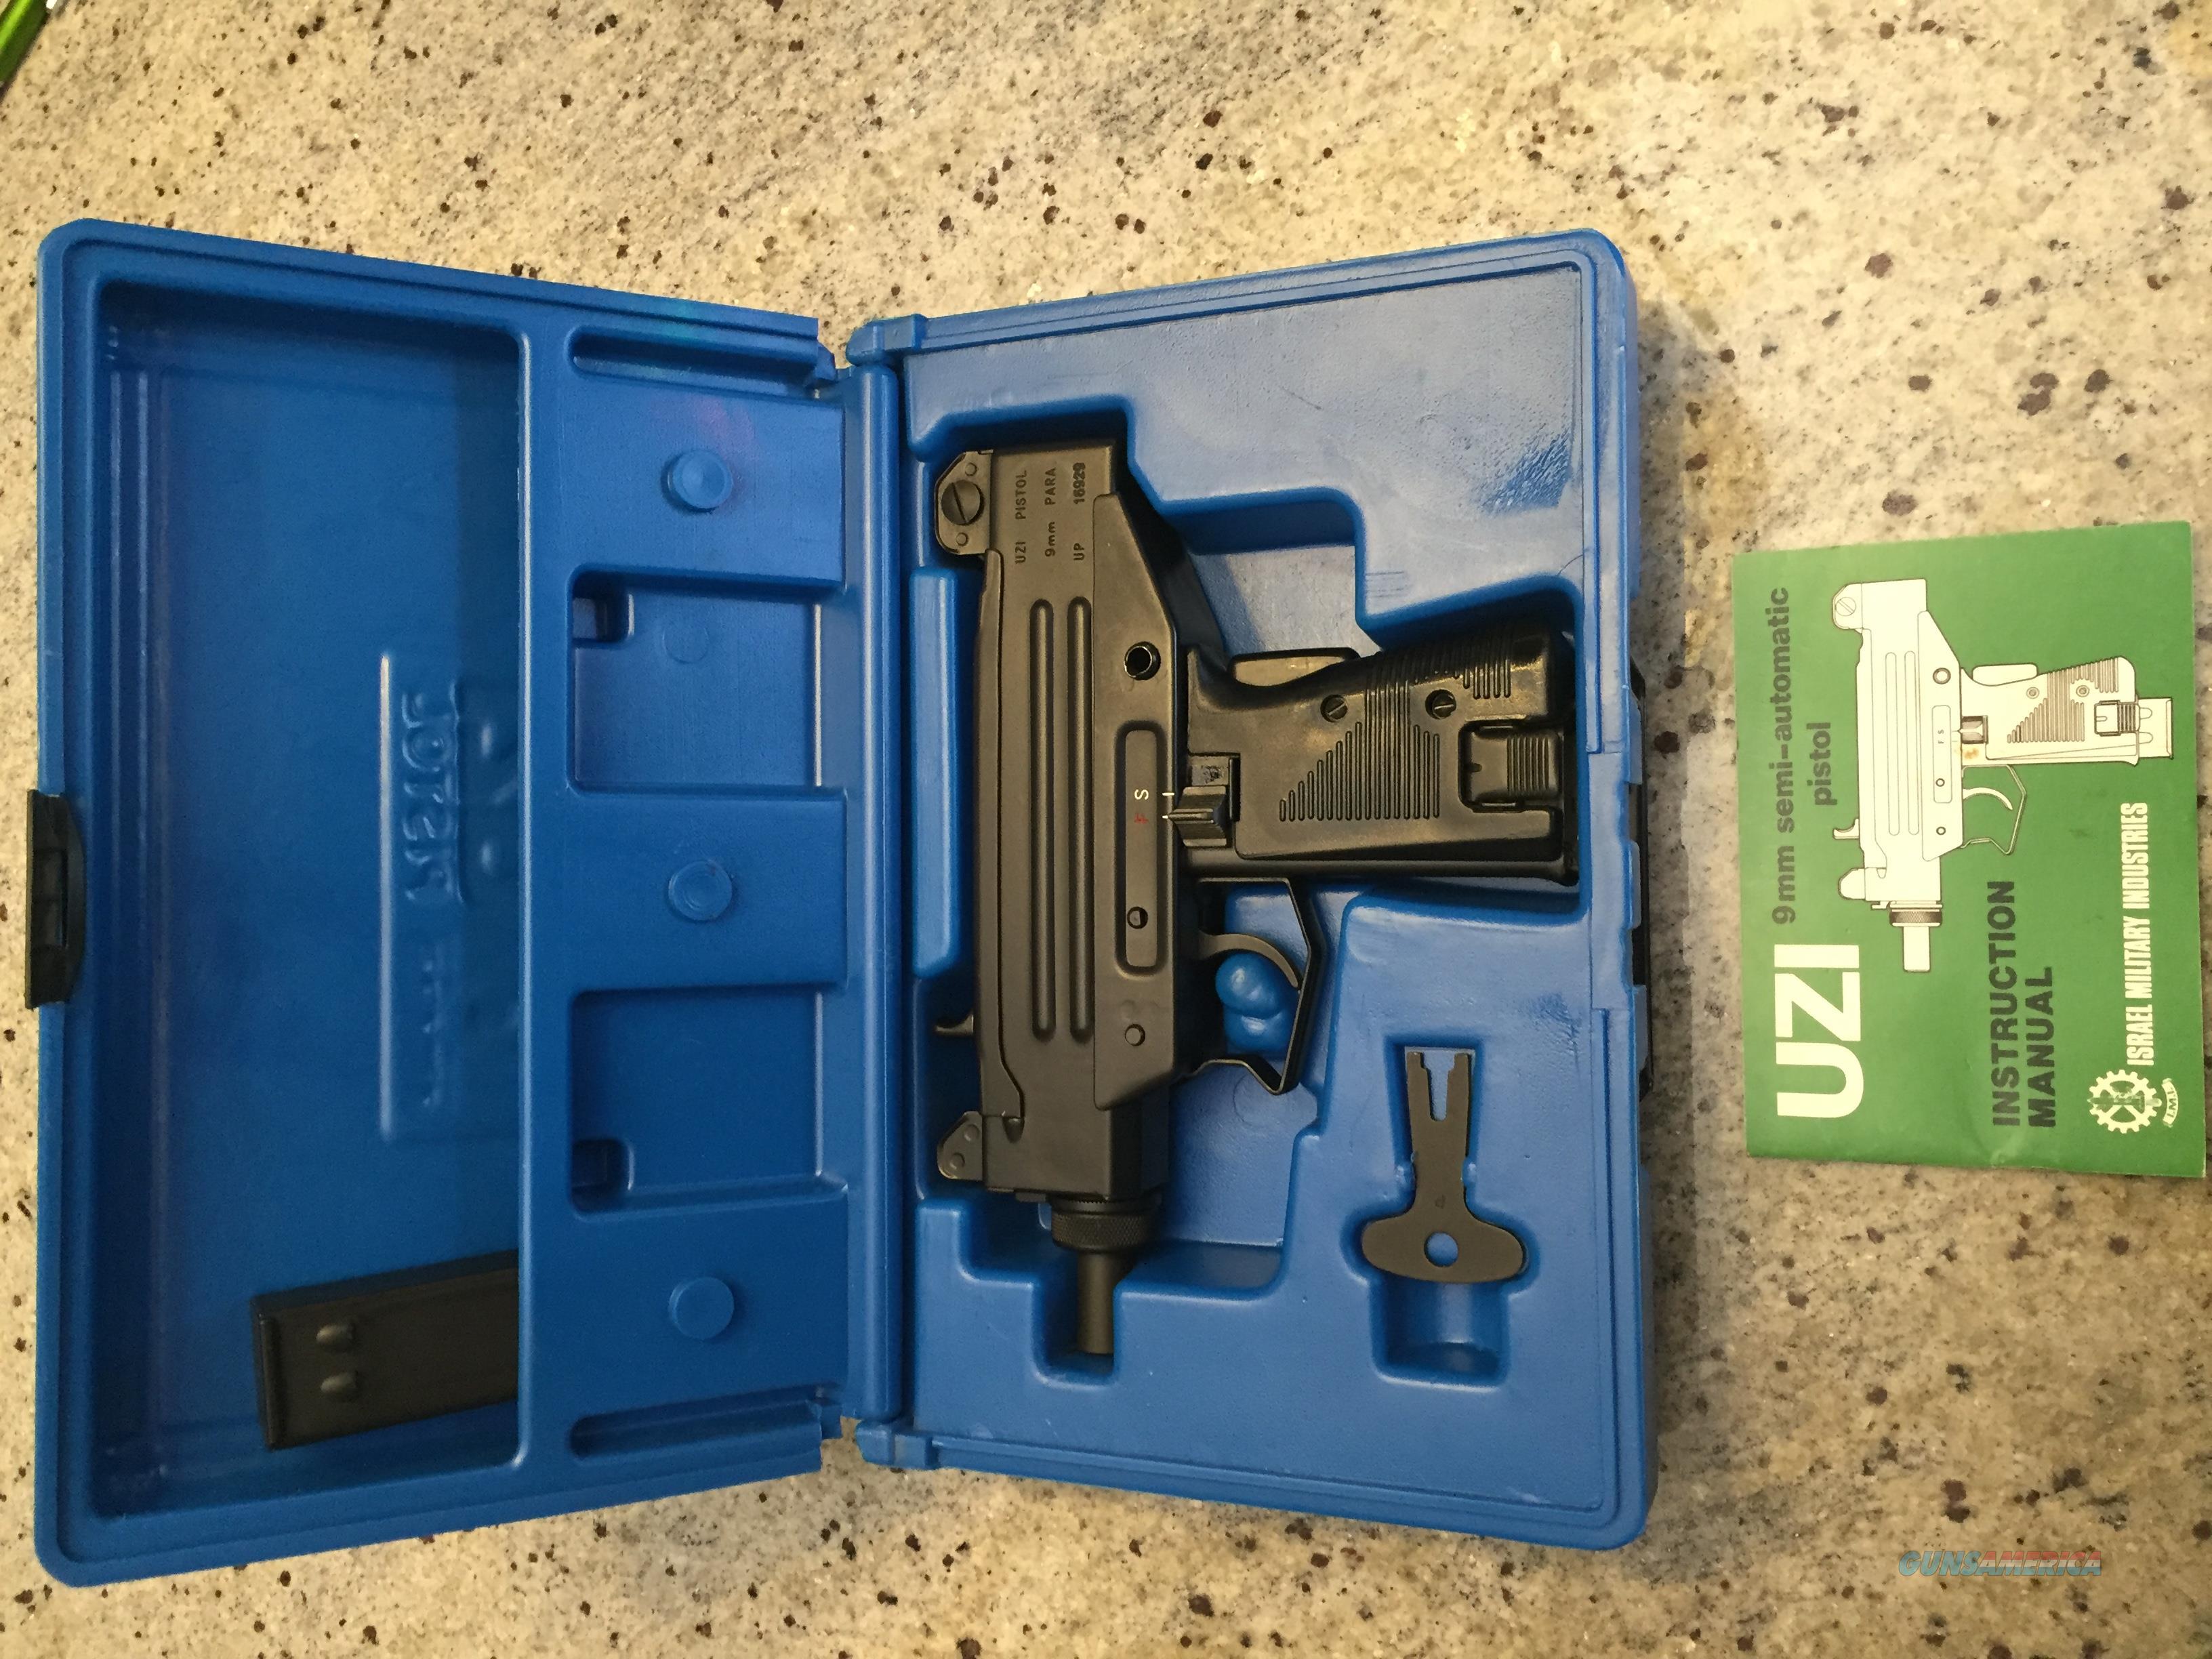 IMI Micro Uzi 9mm Pistol LNIB   Guns > Pistols > IMI Pistols